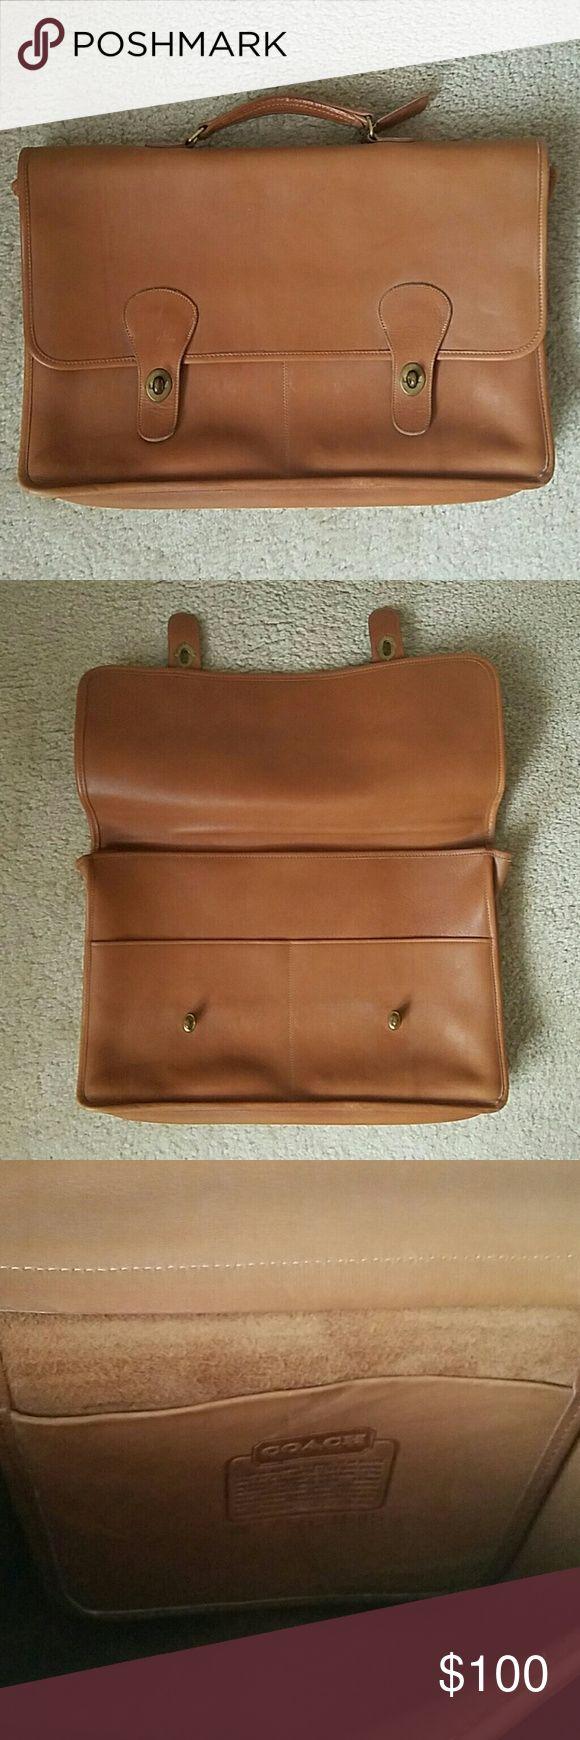 vintage coach laptop bag missing rh odetomyfragrance com